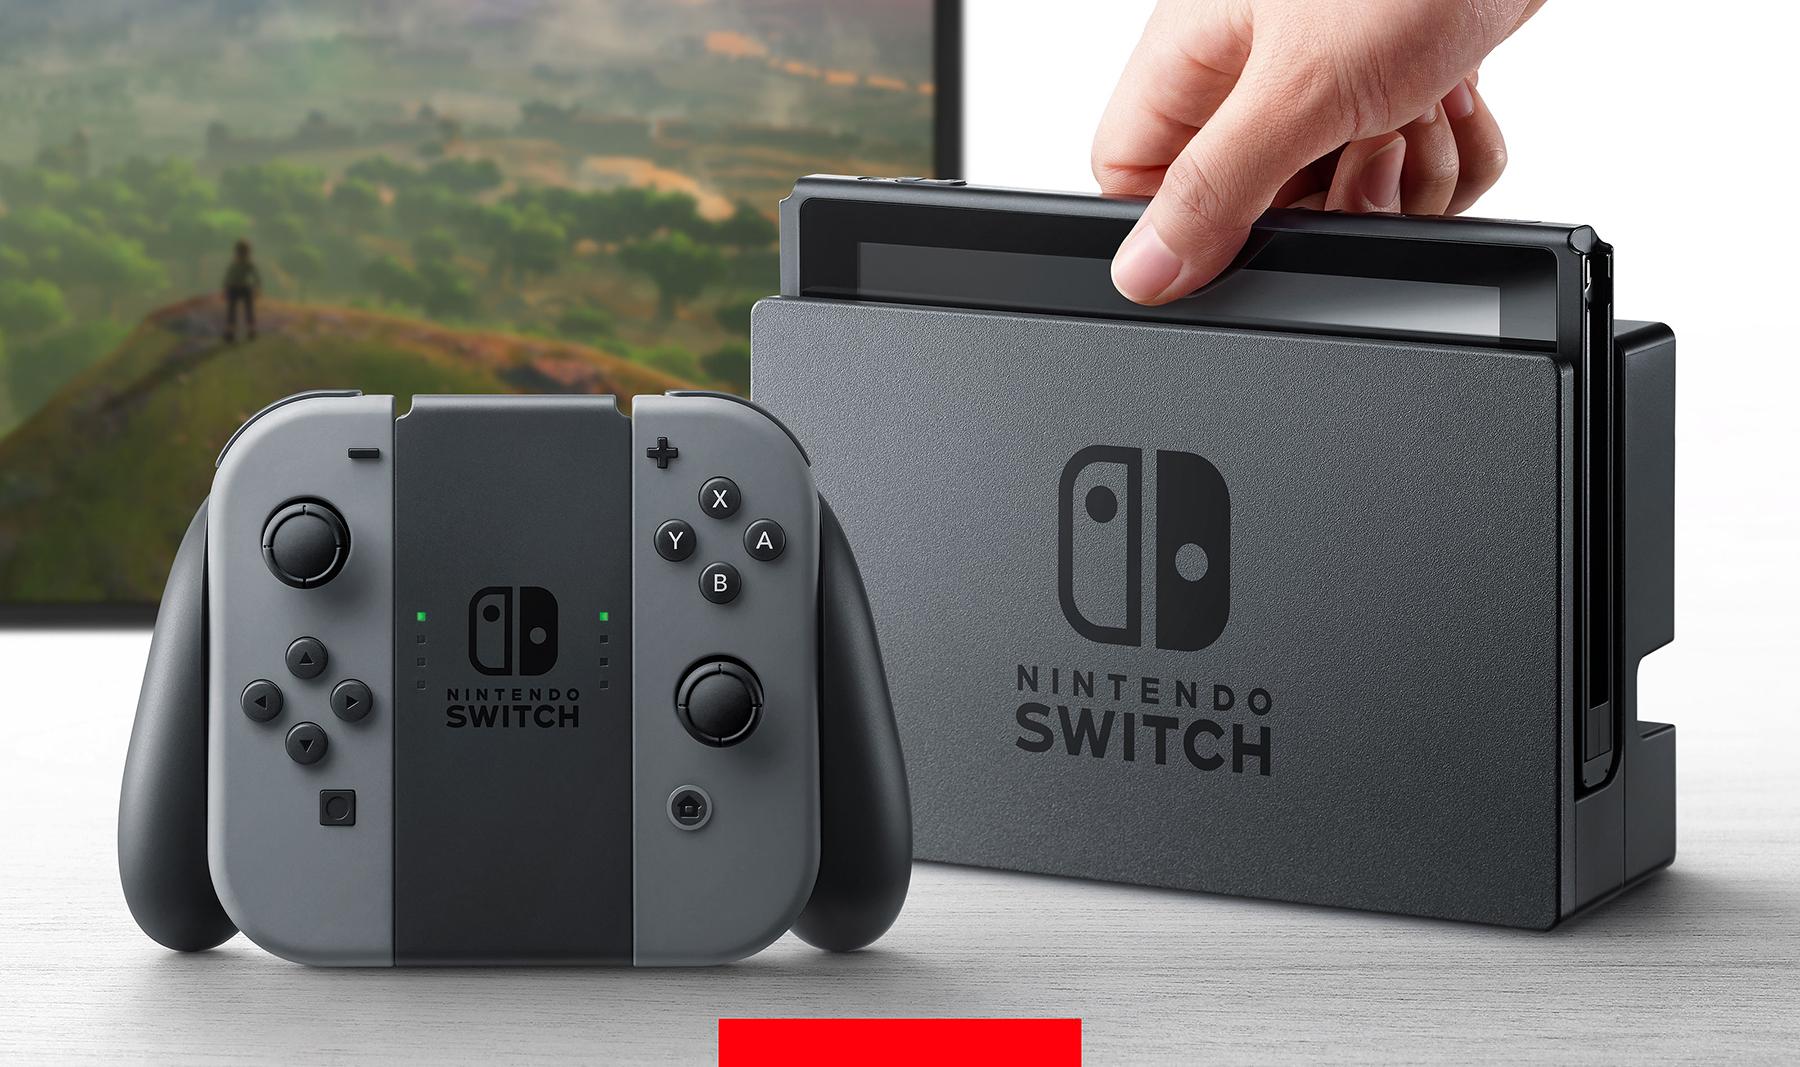 次世代任天堂游戏主机定名「Switch」